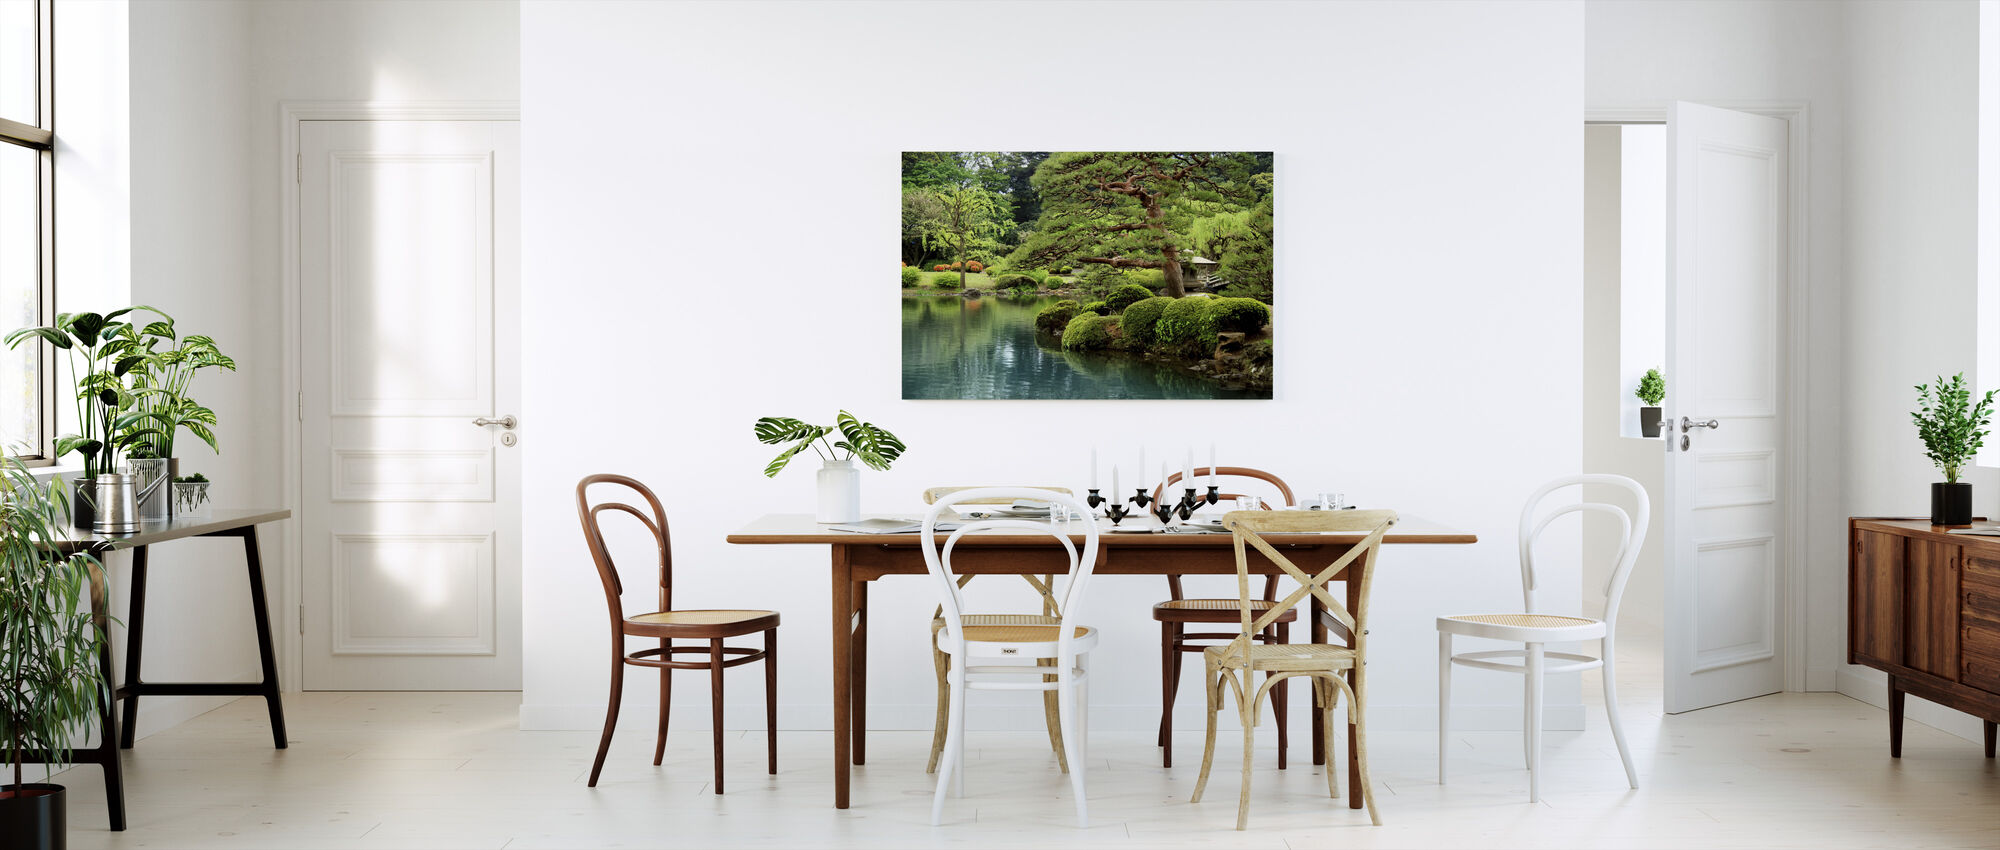 Rolig Zen Lake og Bonsai Trees i Tokyo Garden - Lerretsbilde - Kjøkken